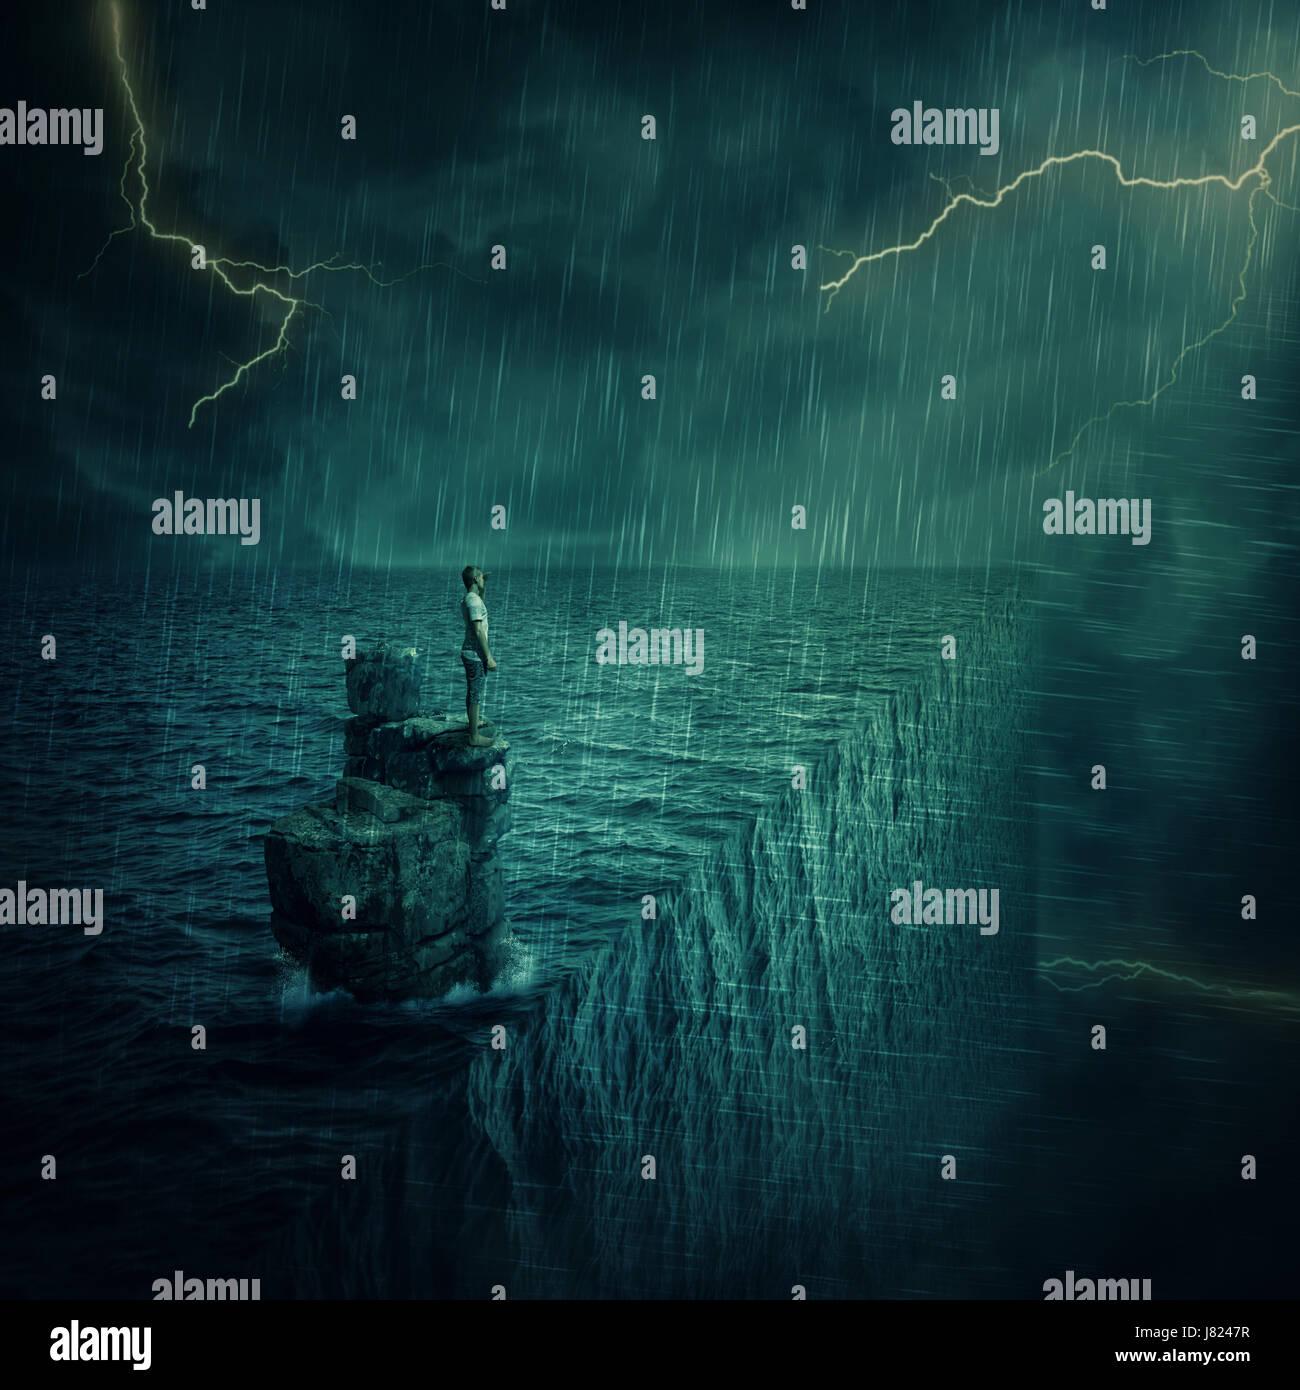 Perdido el hombre abandonado en un acantilado de roca, isla en el medio del océano, en una noche de tormenta. Concepto Foto de stock